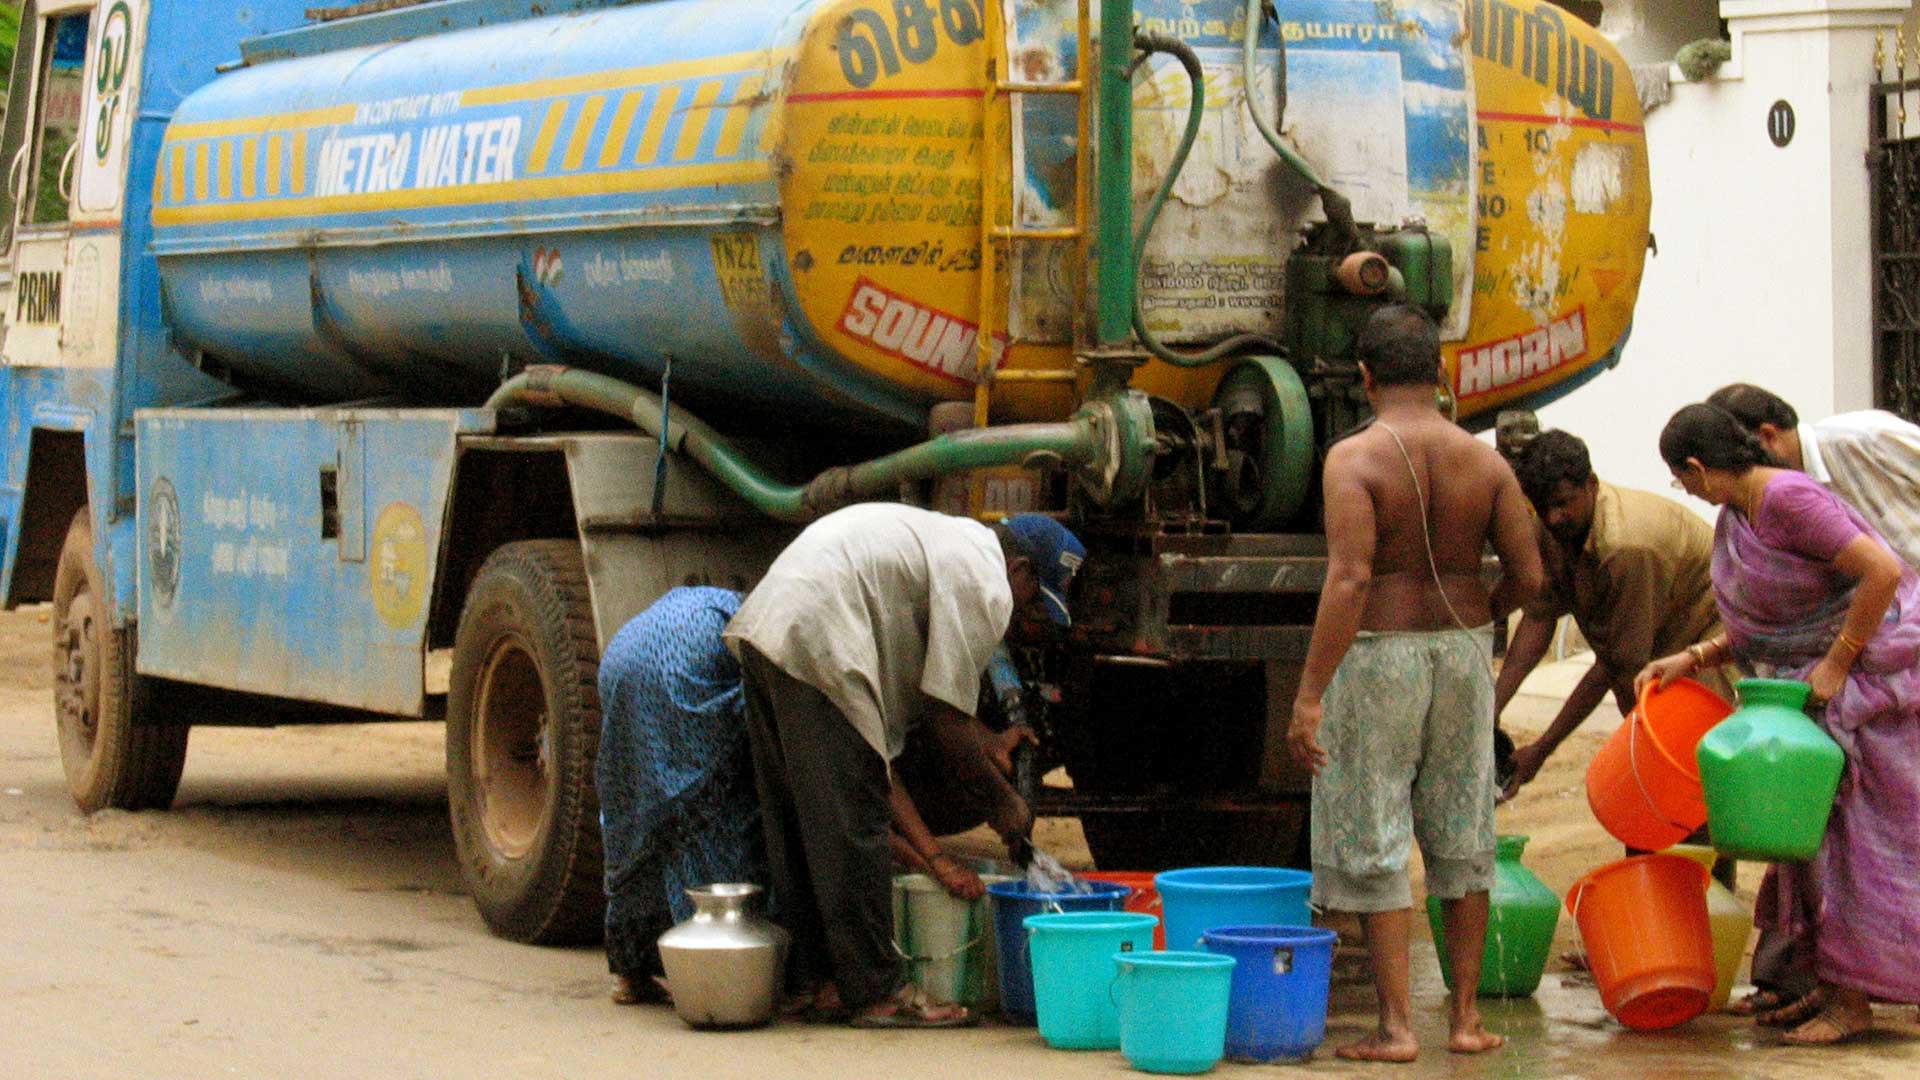 Wassermangel: Wasserauslieferung in Chennai